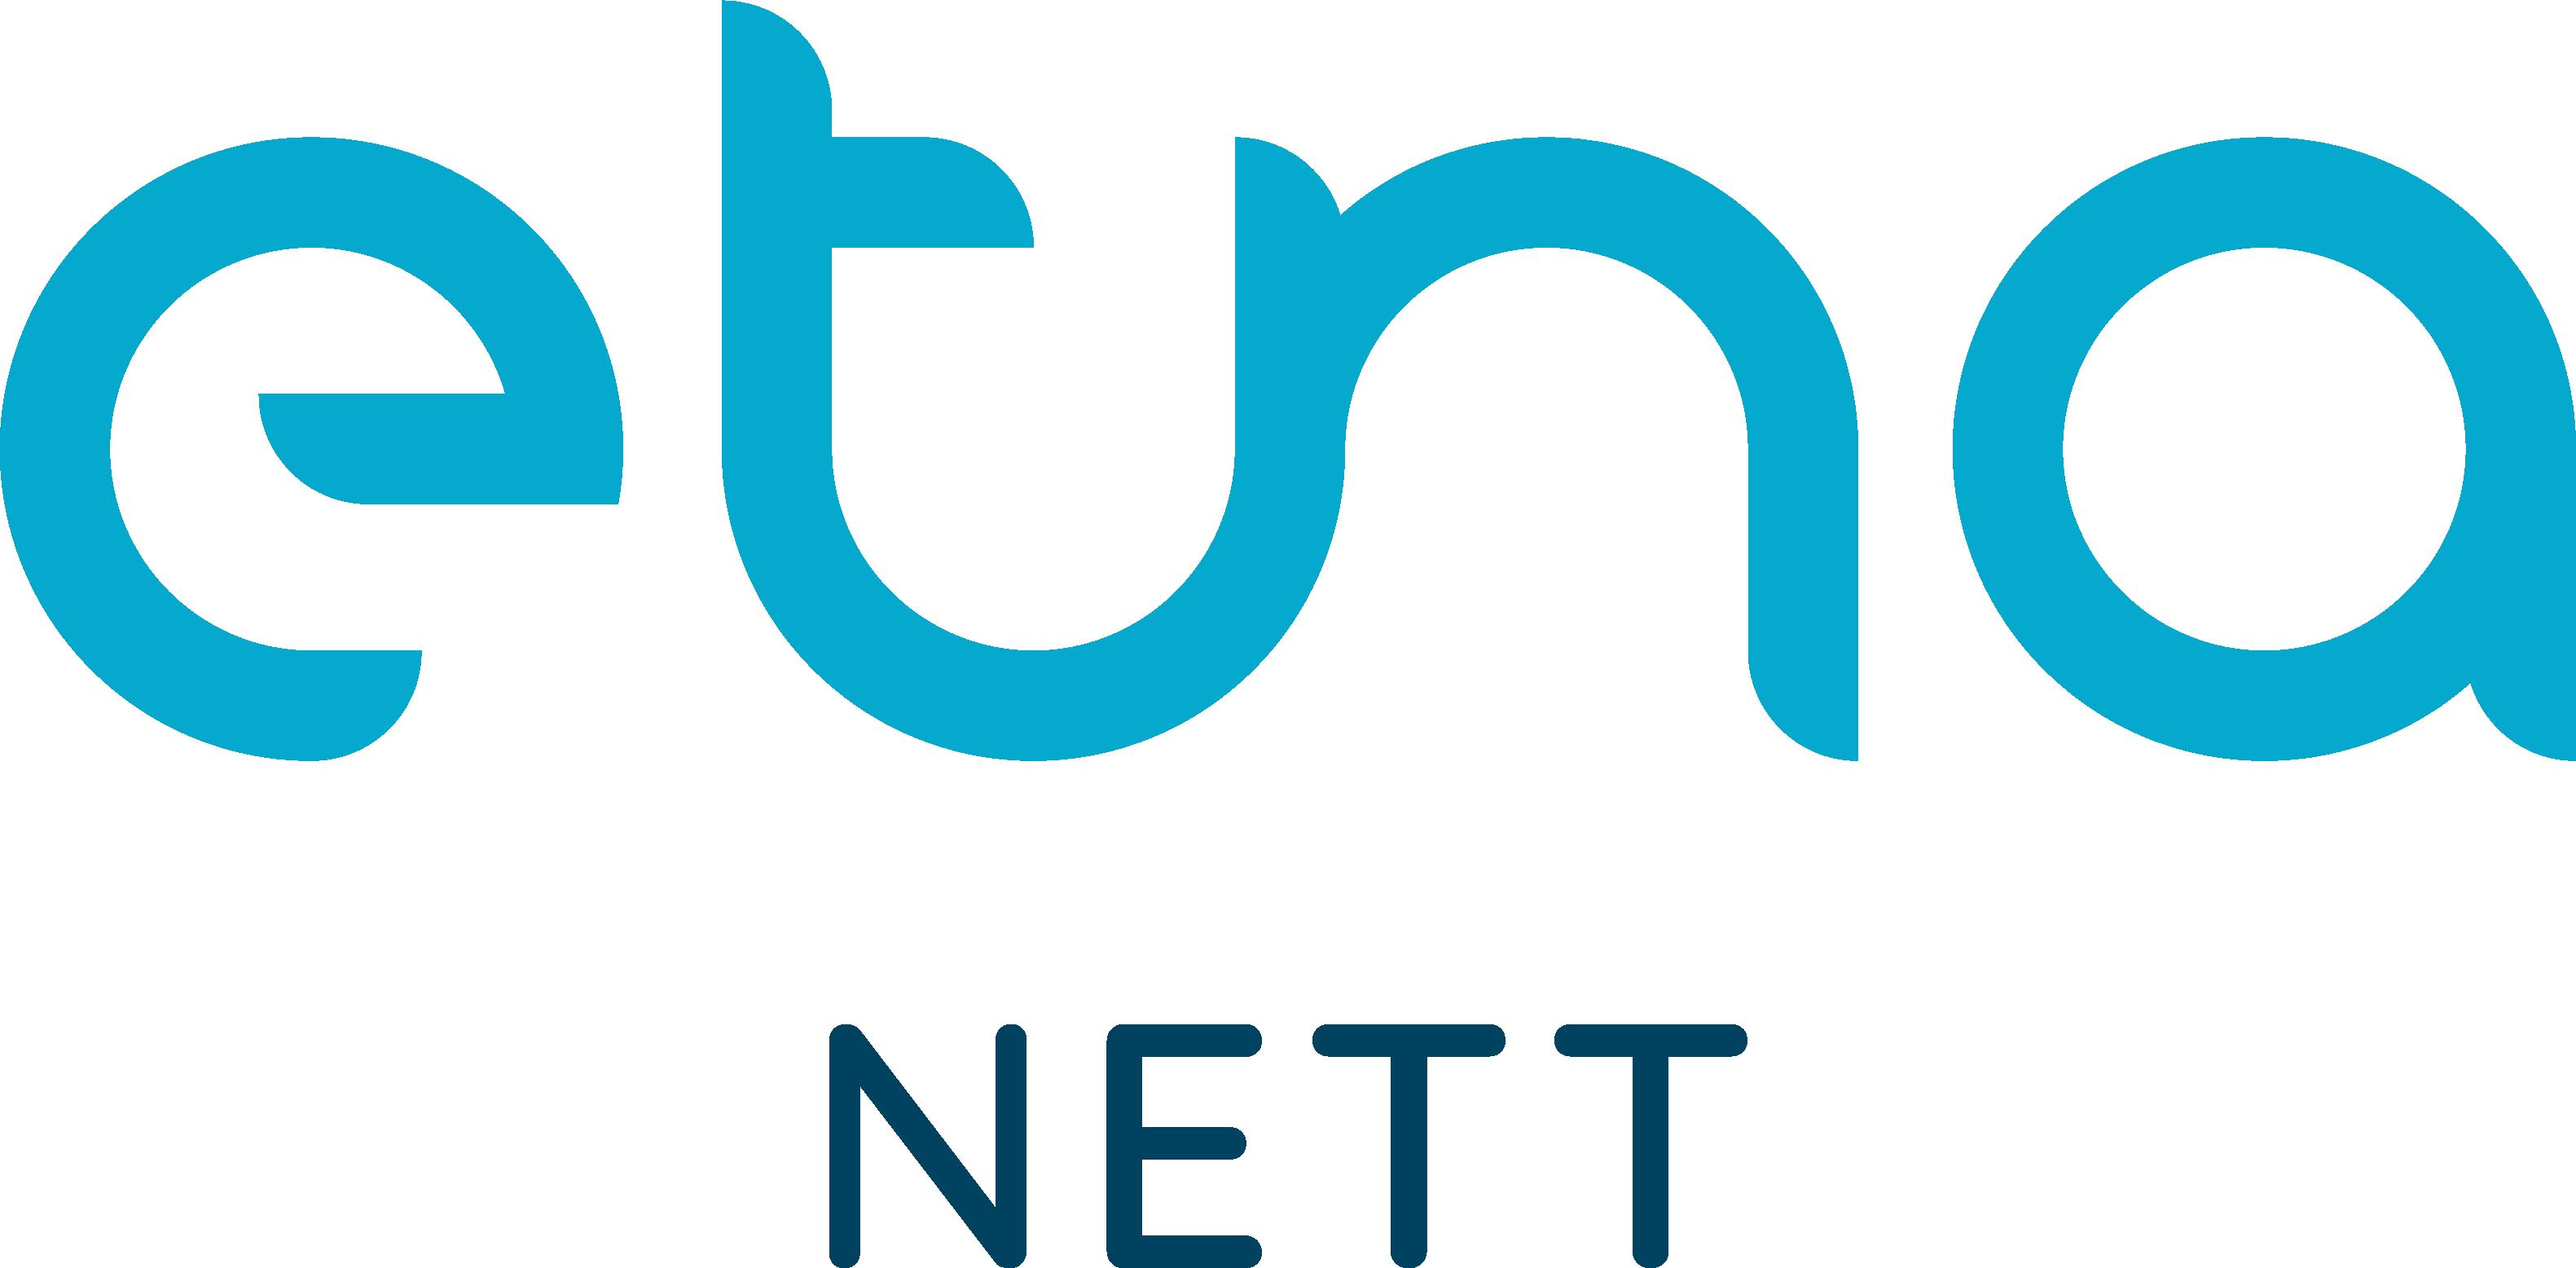 Etna Nett AS